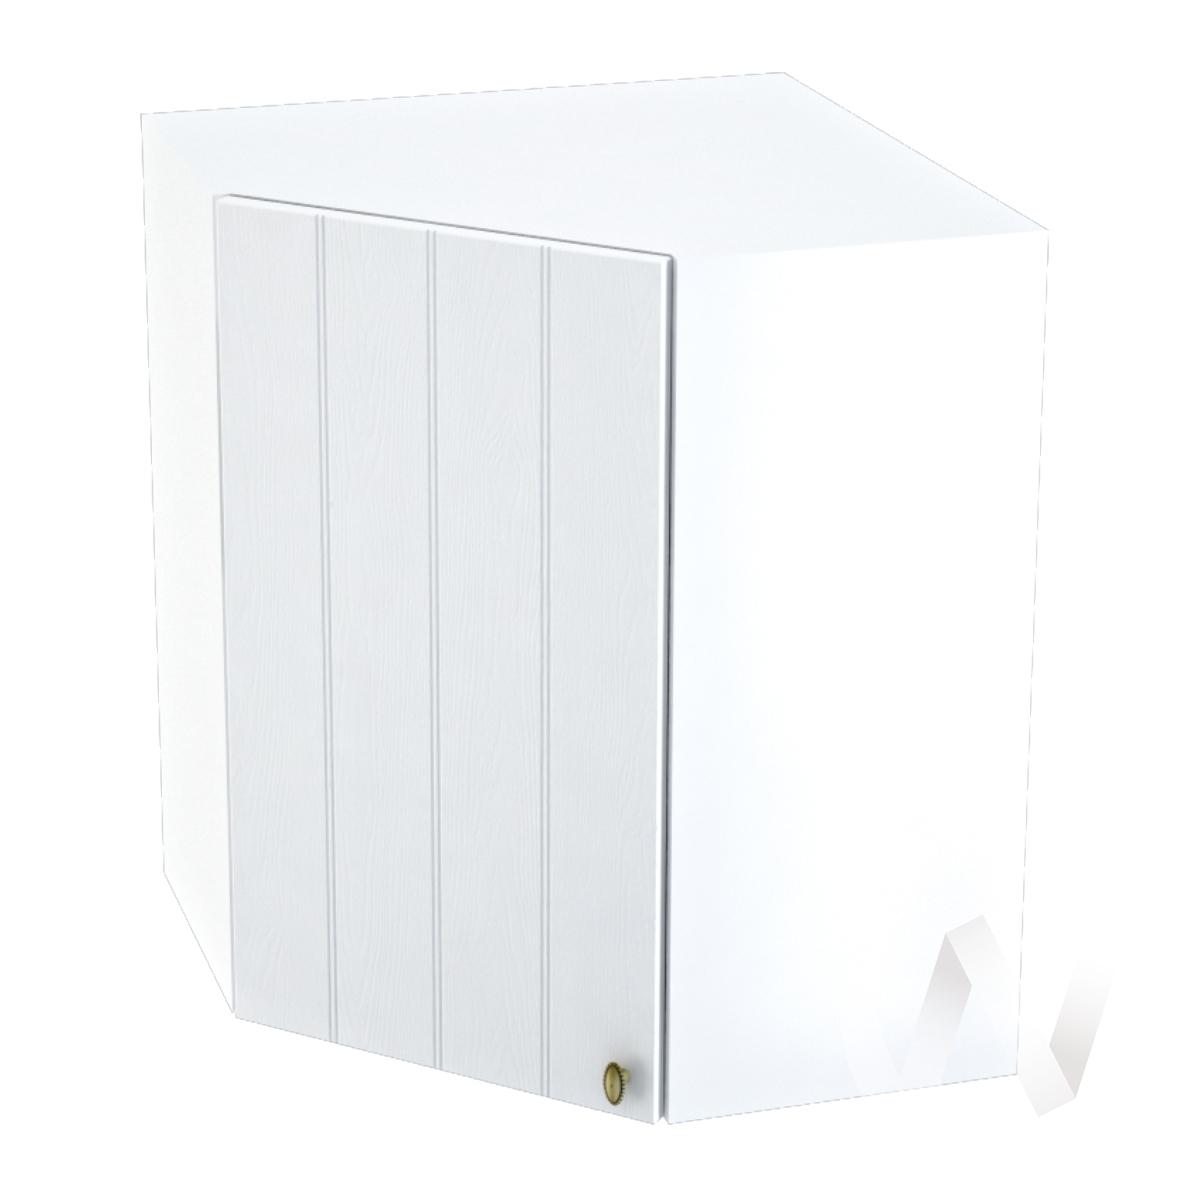 """Кухня """"Прованс"""": Шкаф верхний угловой 590, ШВУ 590 (белое дерево/корпус белый)"""